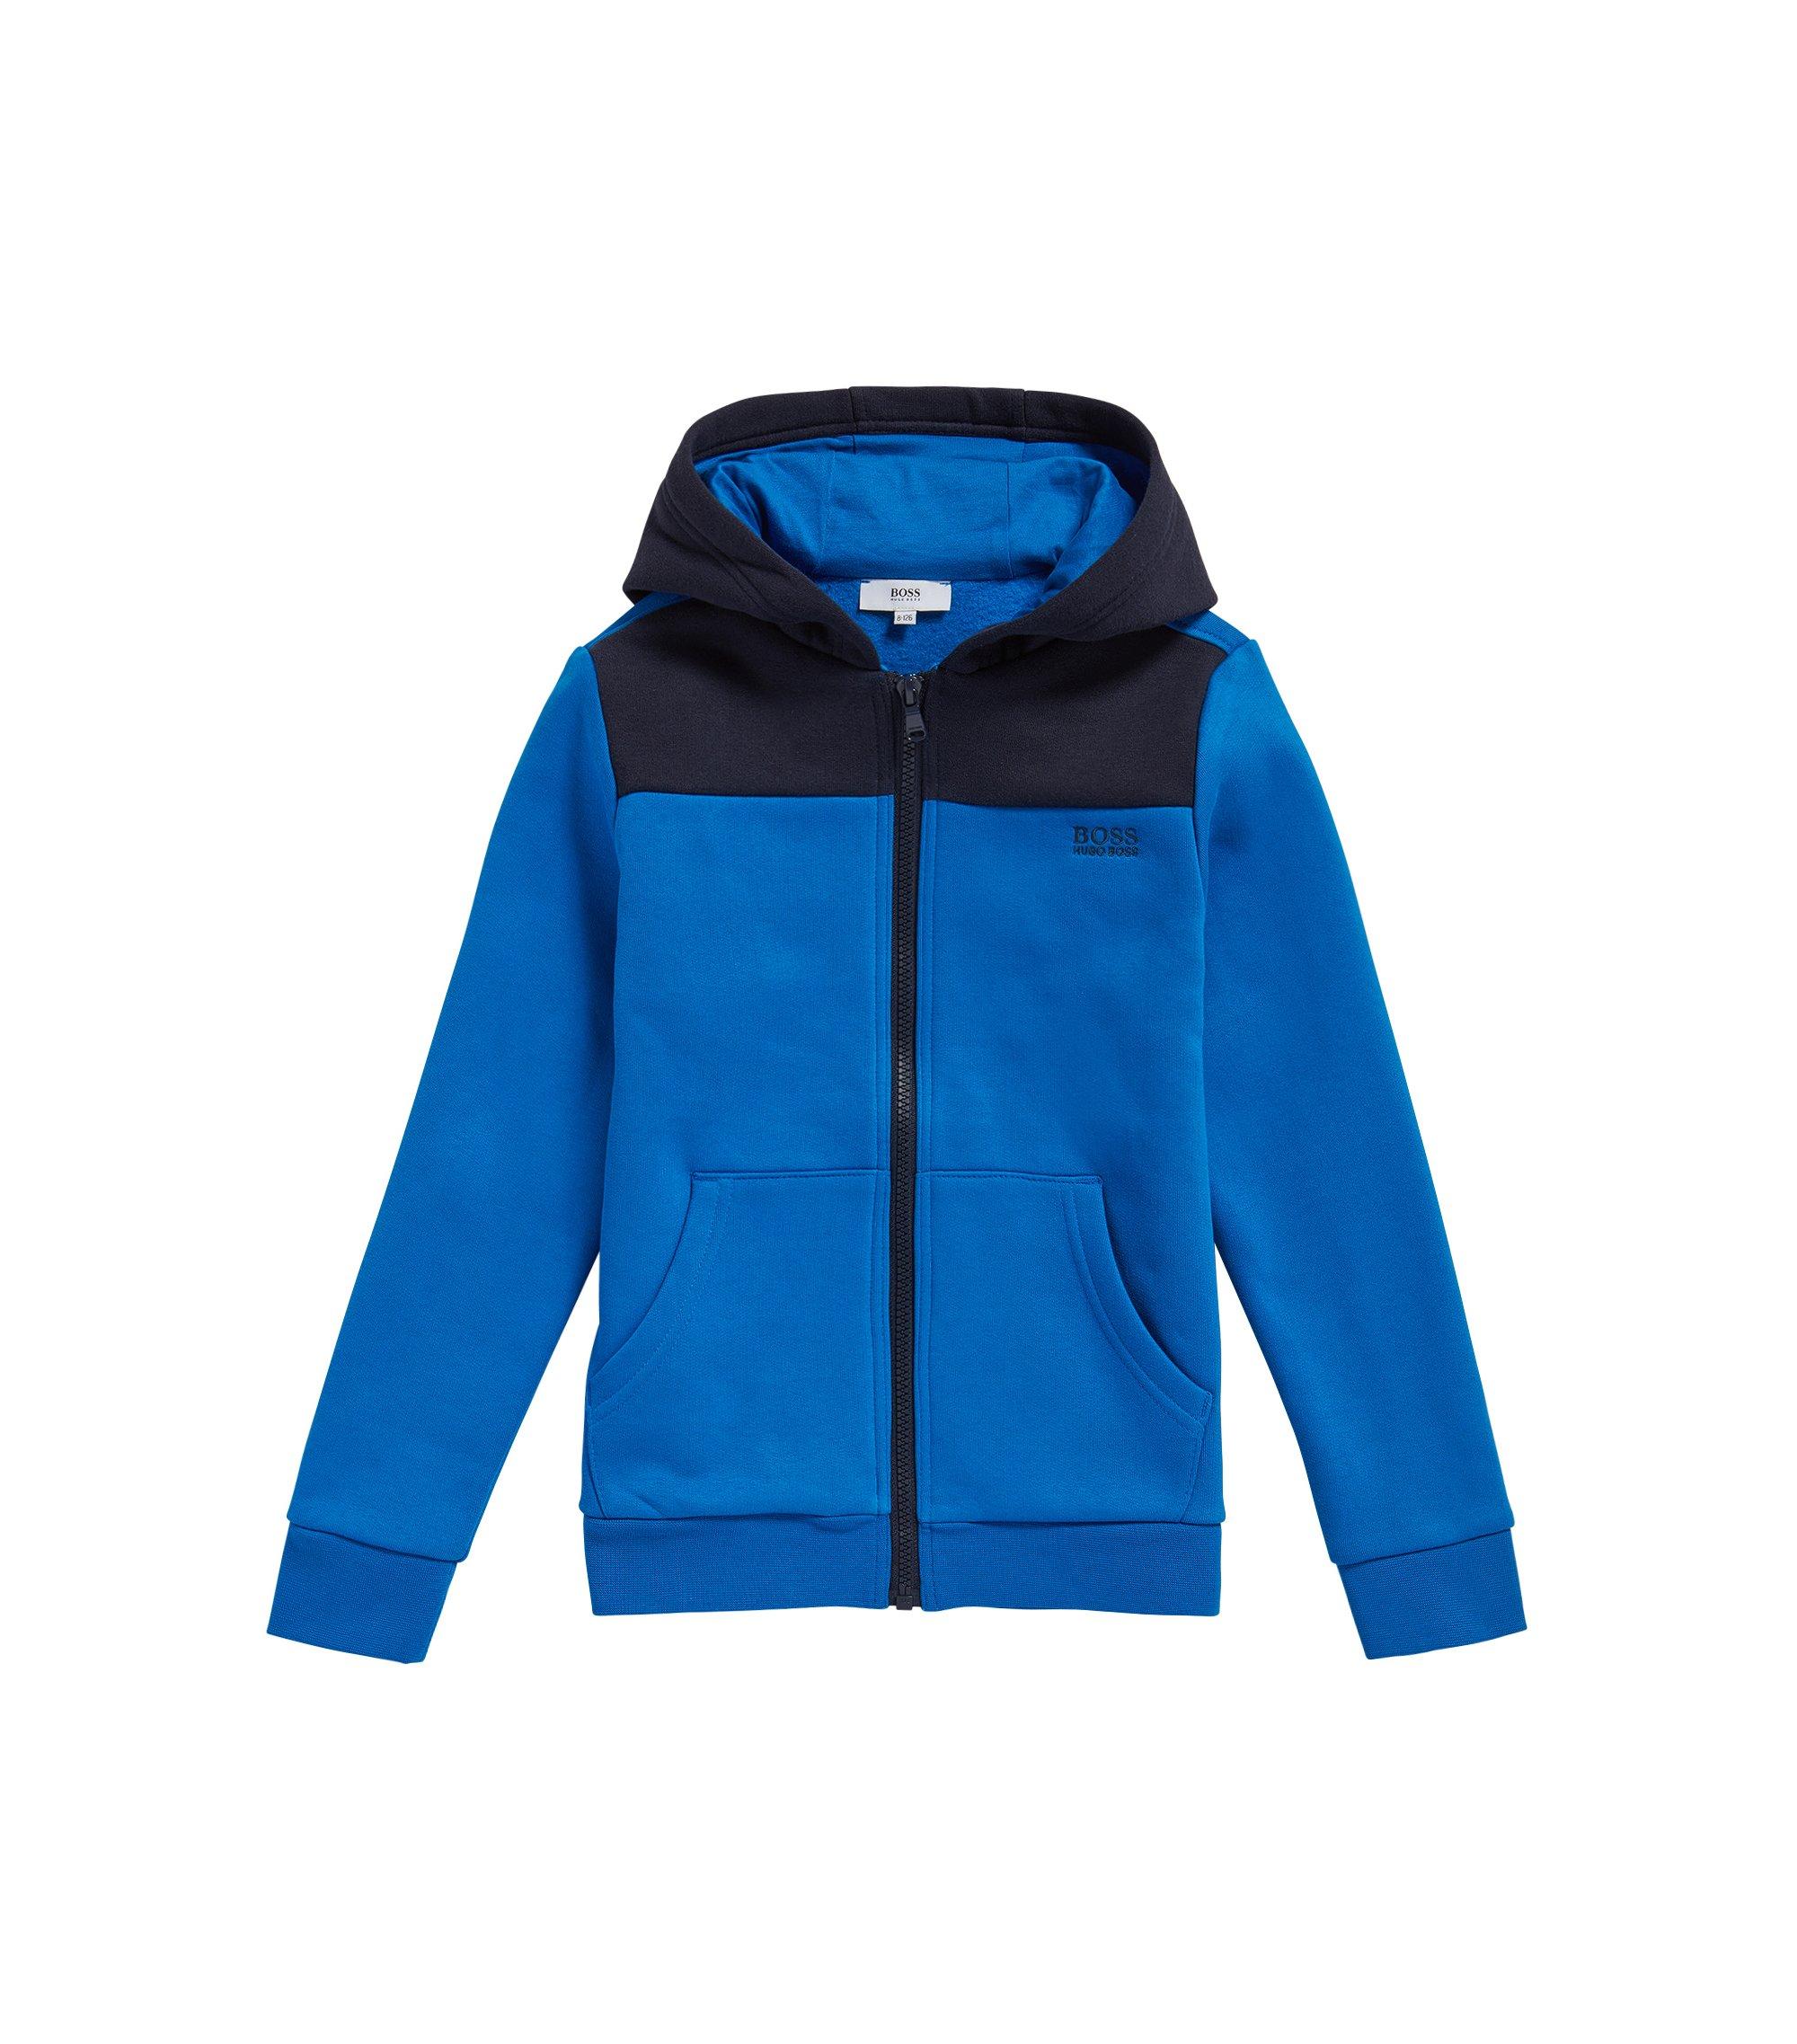 Blouson molletonné pour enfant en coton mélangé, à capuche: «J25979», Bleu